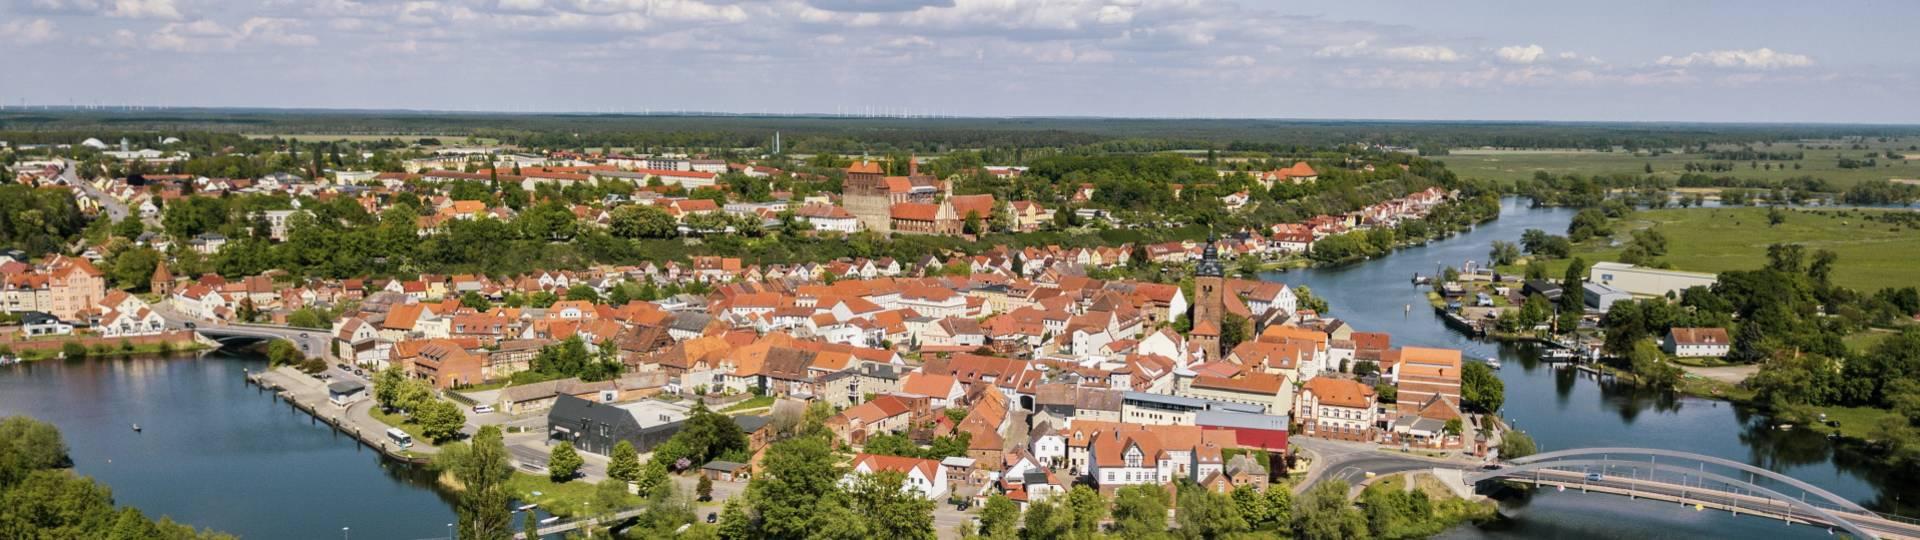 isek 2035 blick von oben auf unsere stadt  ©Hansestadt Havelberg